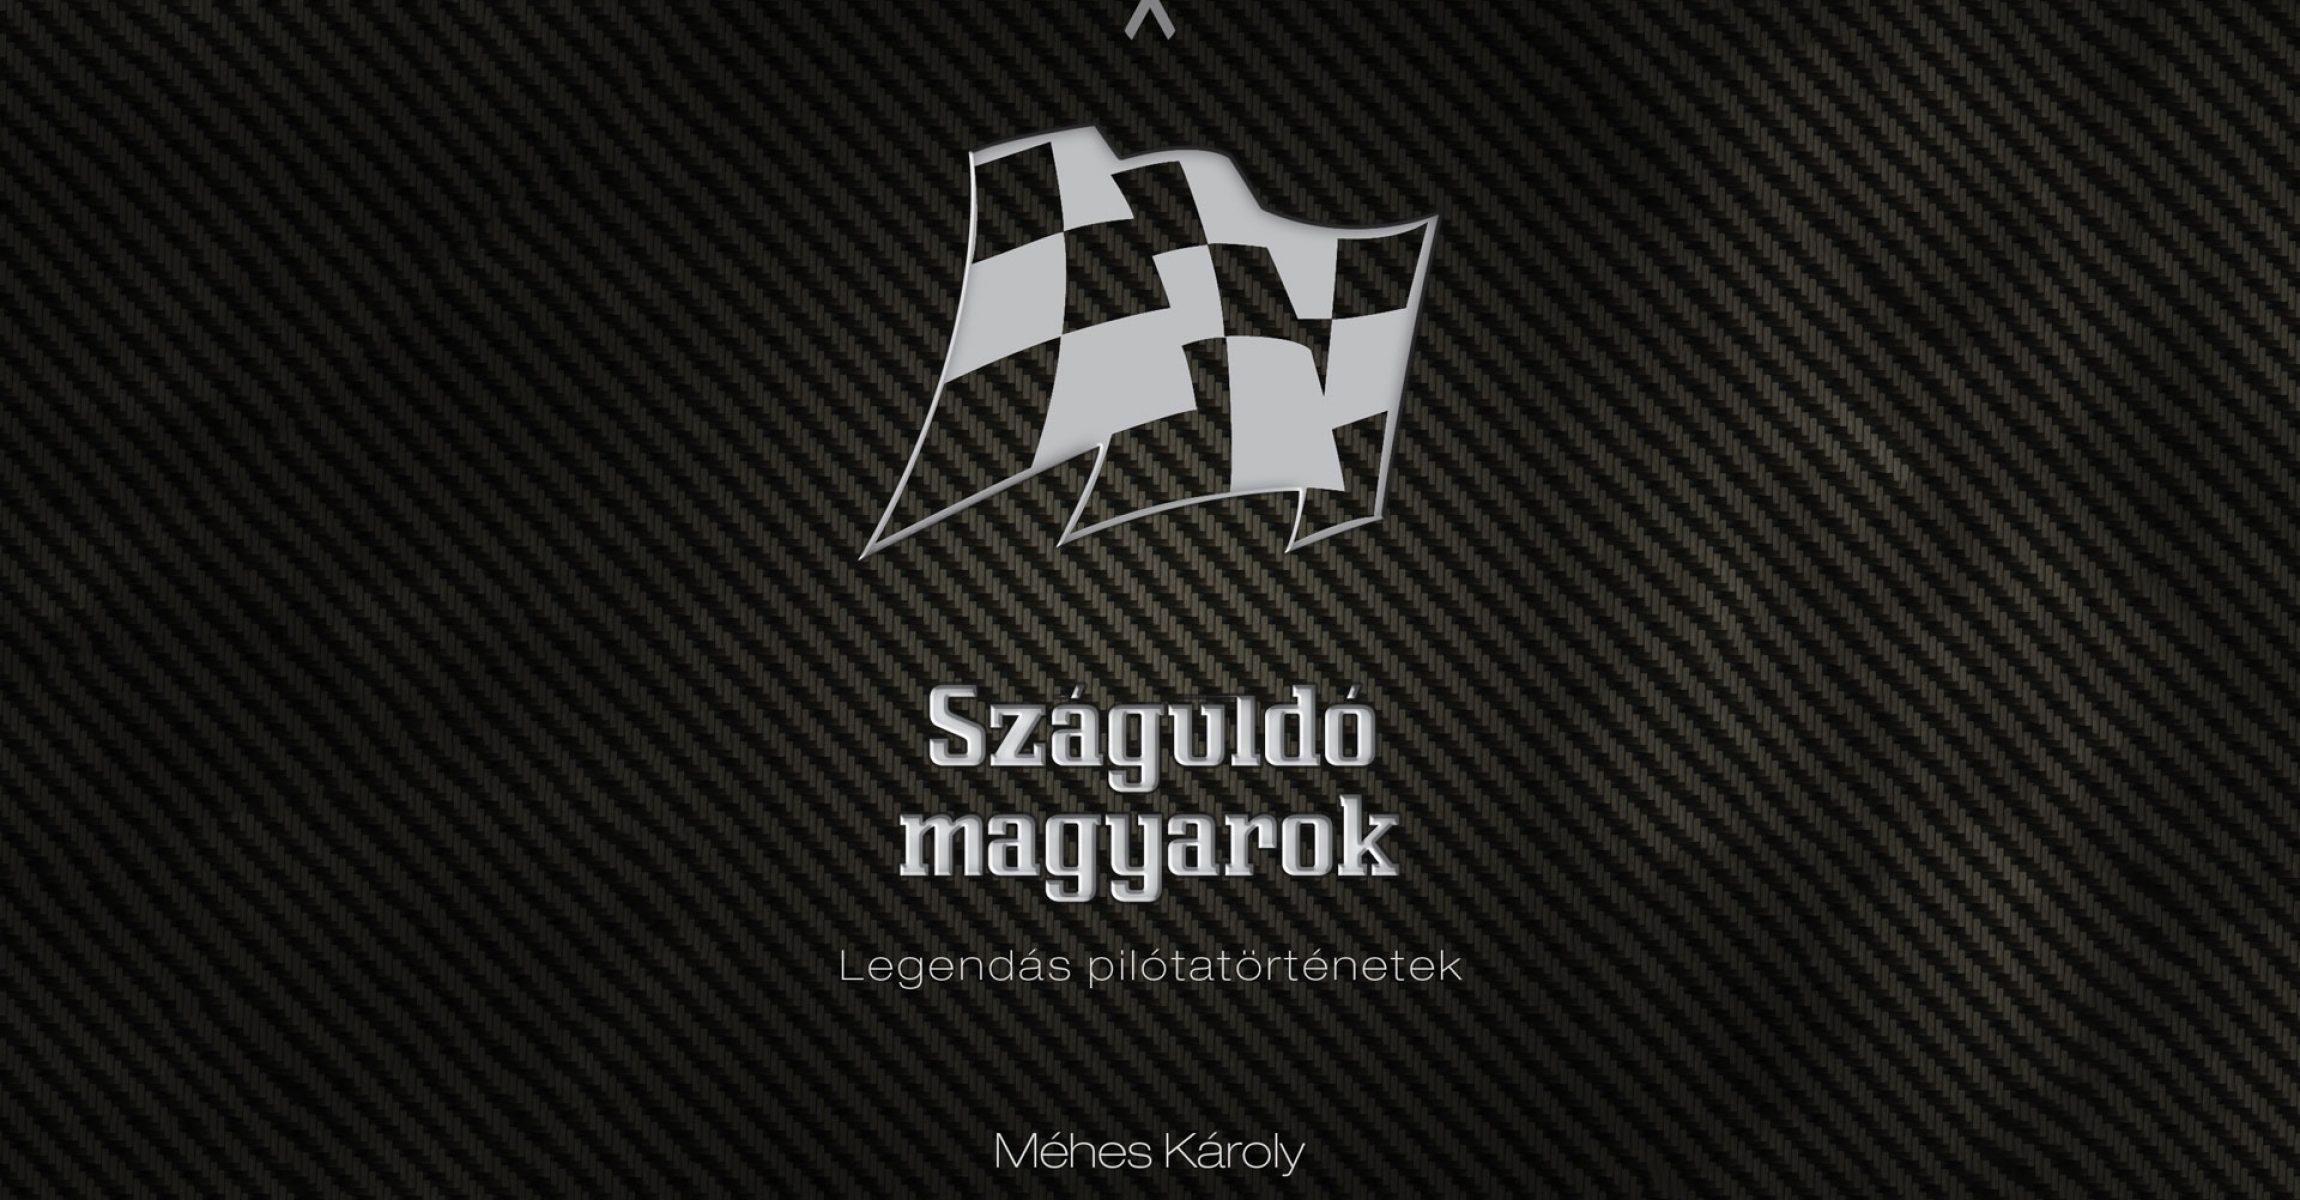 Száguldó magyarok, Méhes Károly, könyv